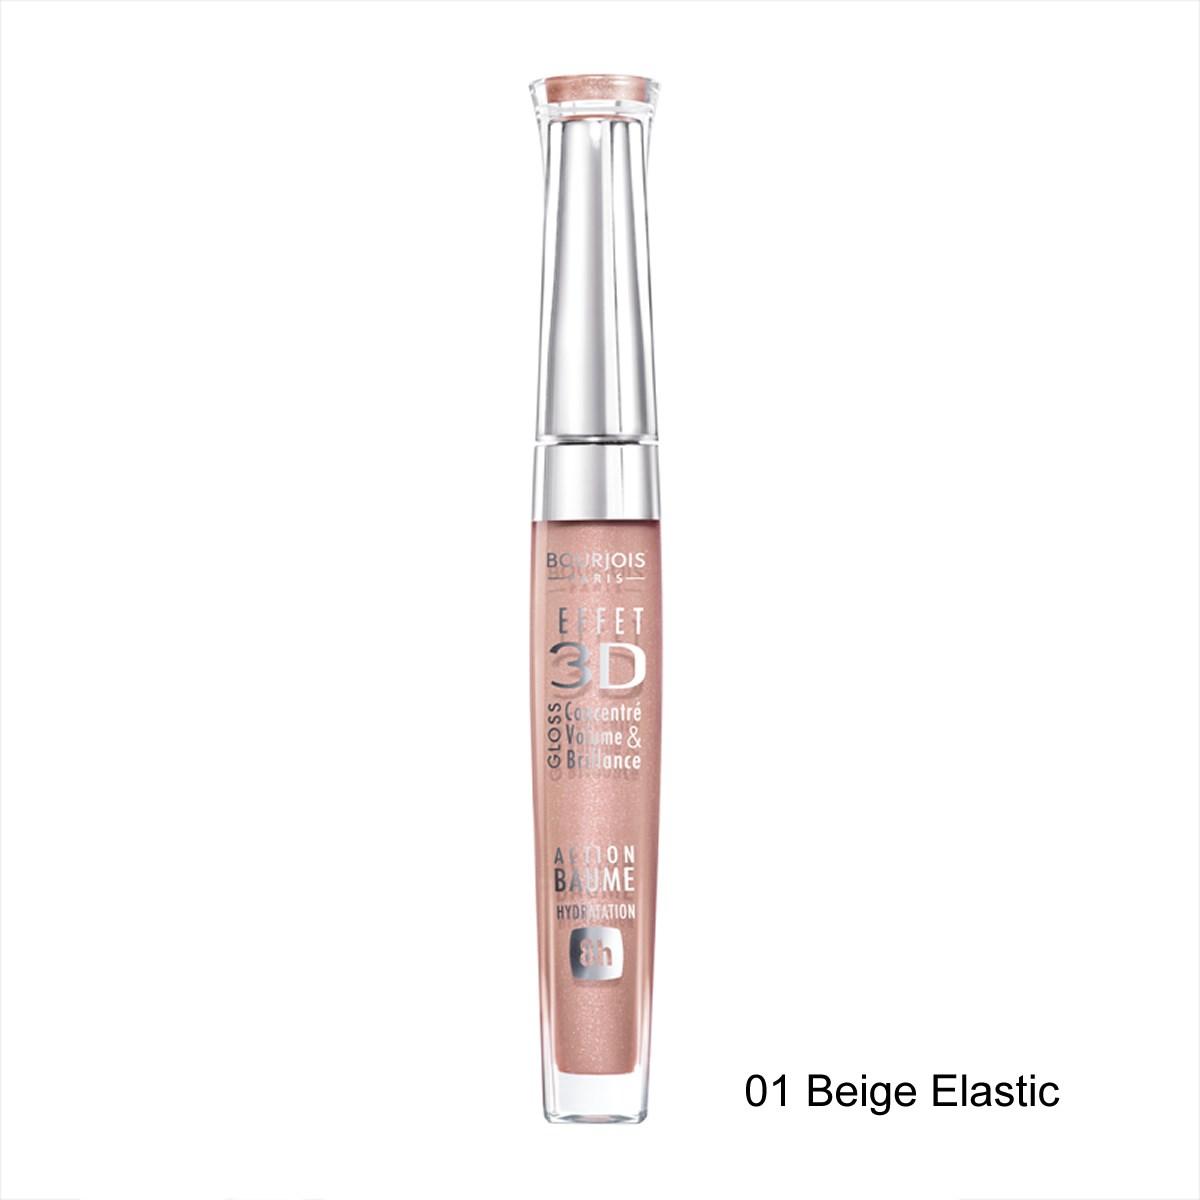 Bourjois Effet 3D Lip Gloss